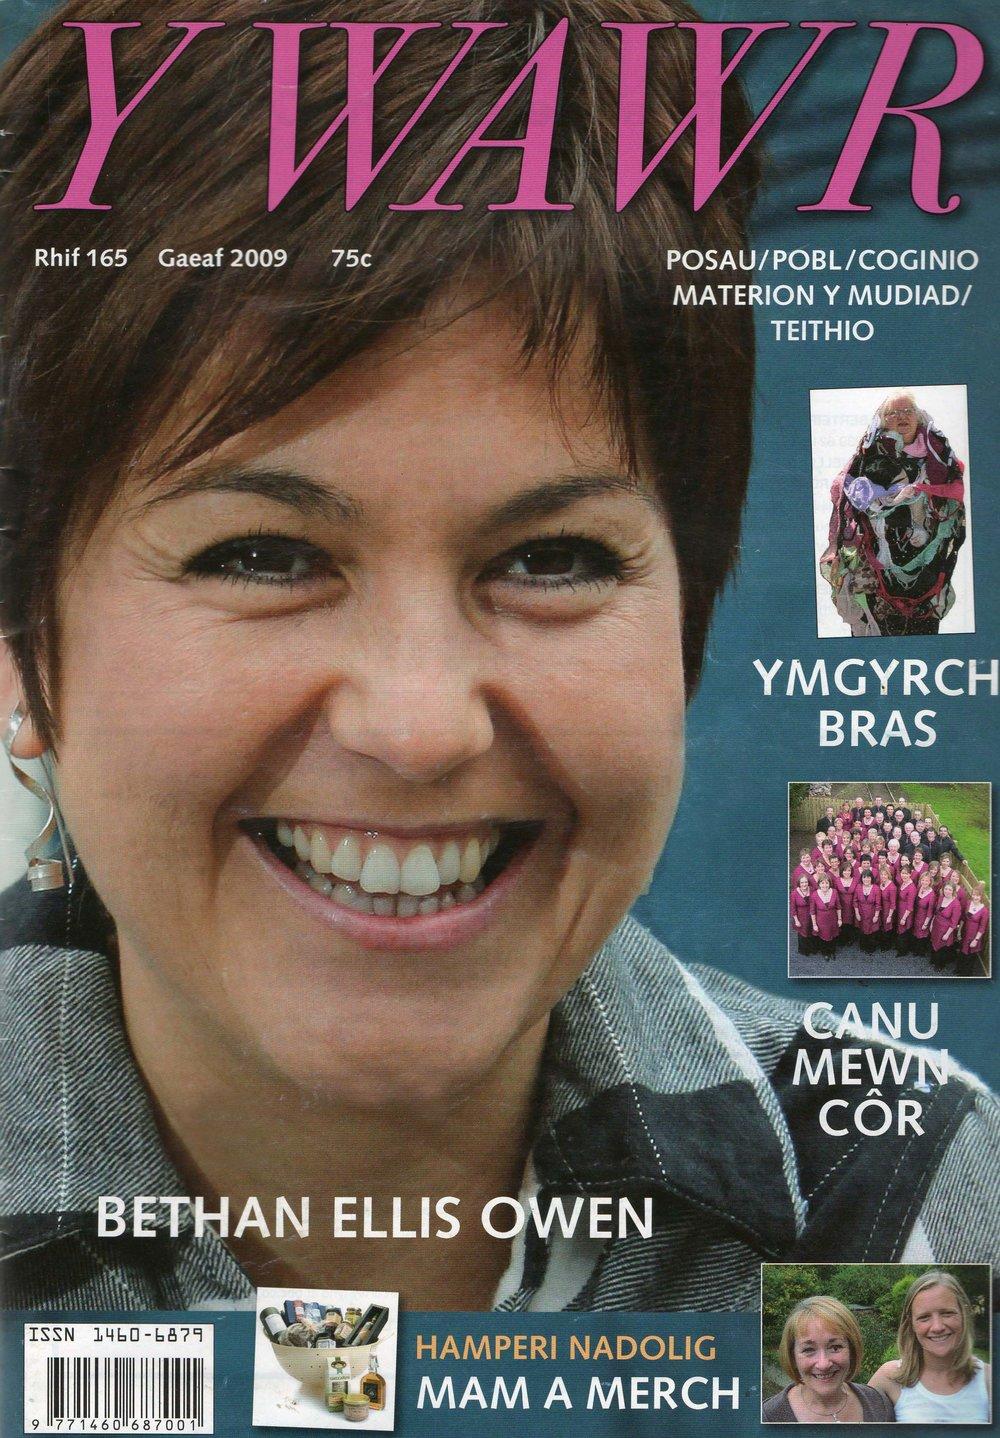 Wawr Magazine.jpg